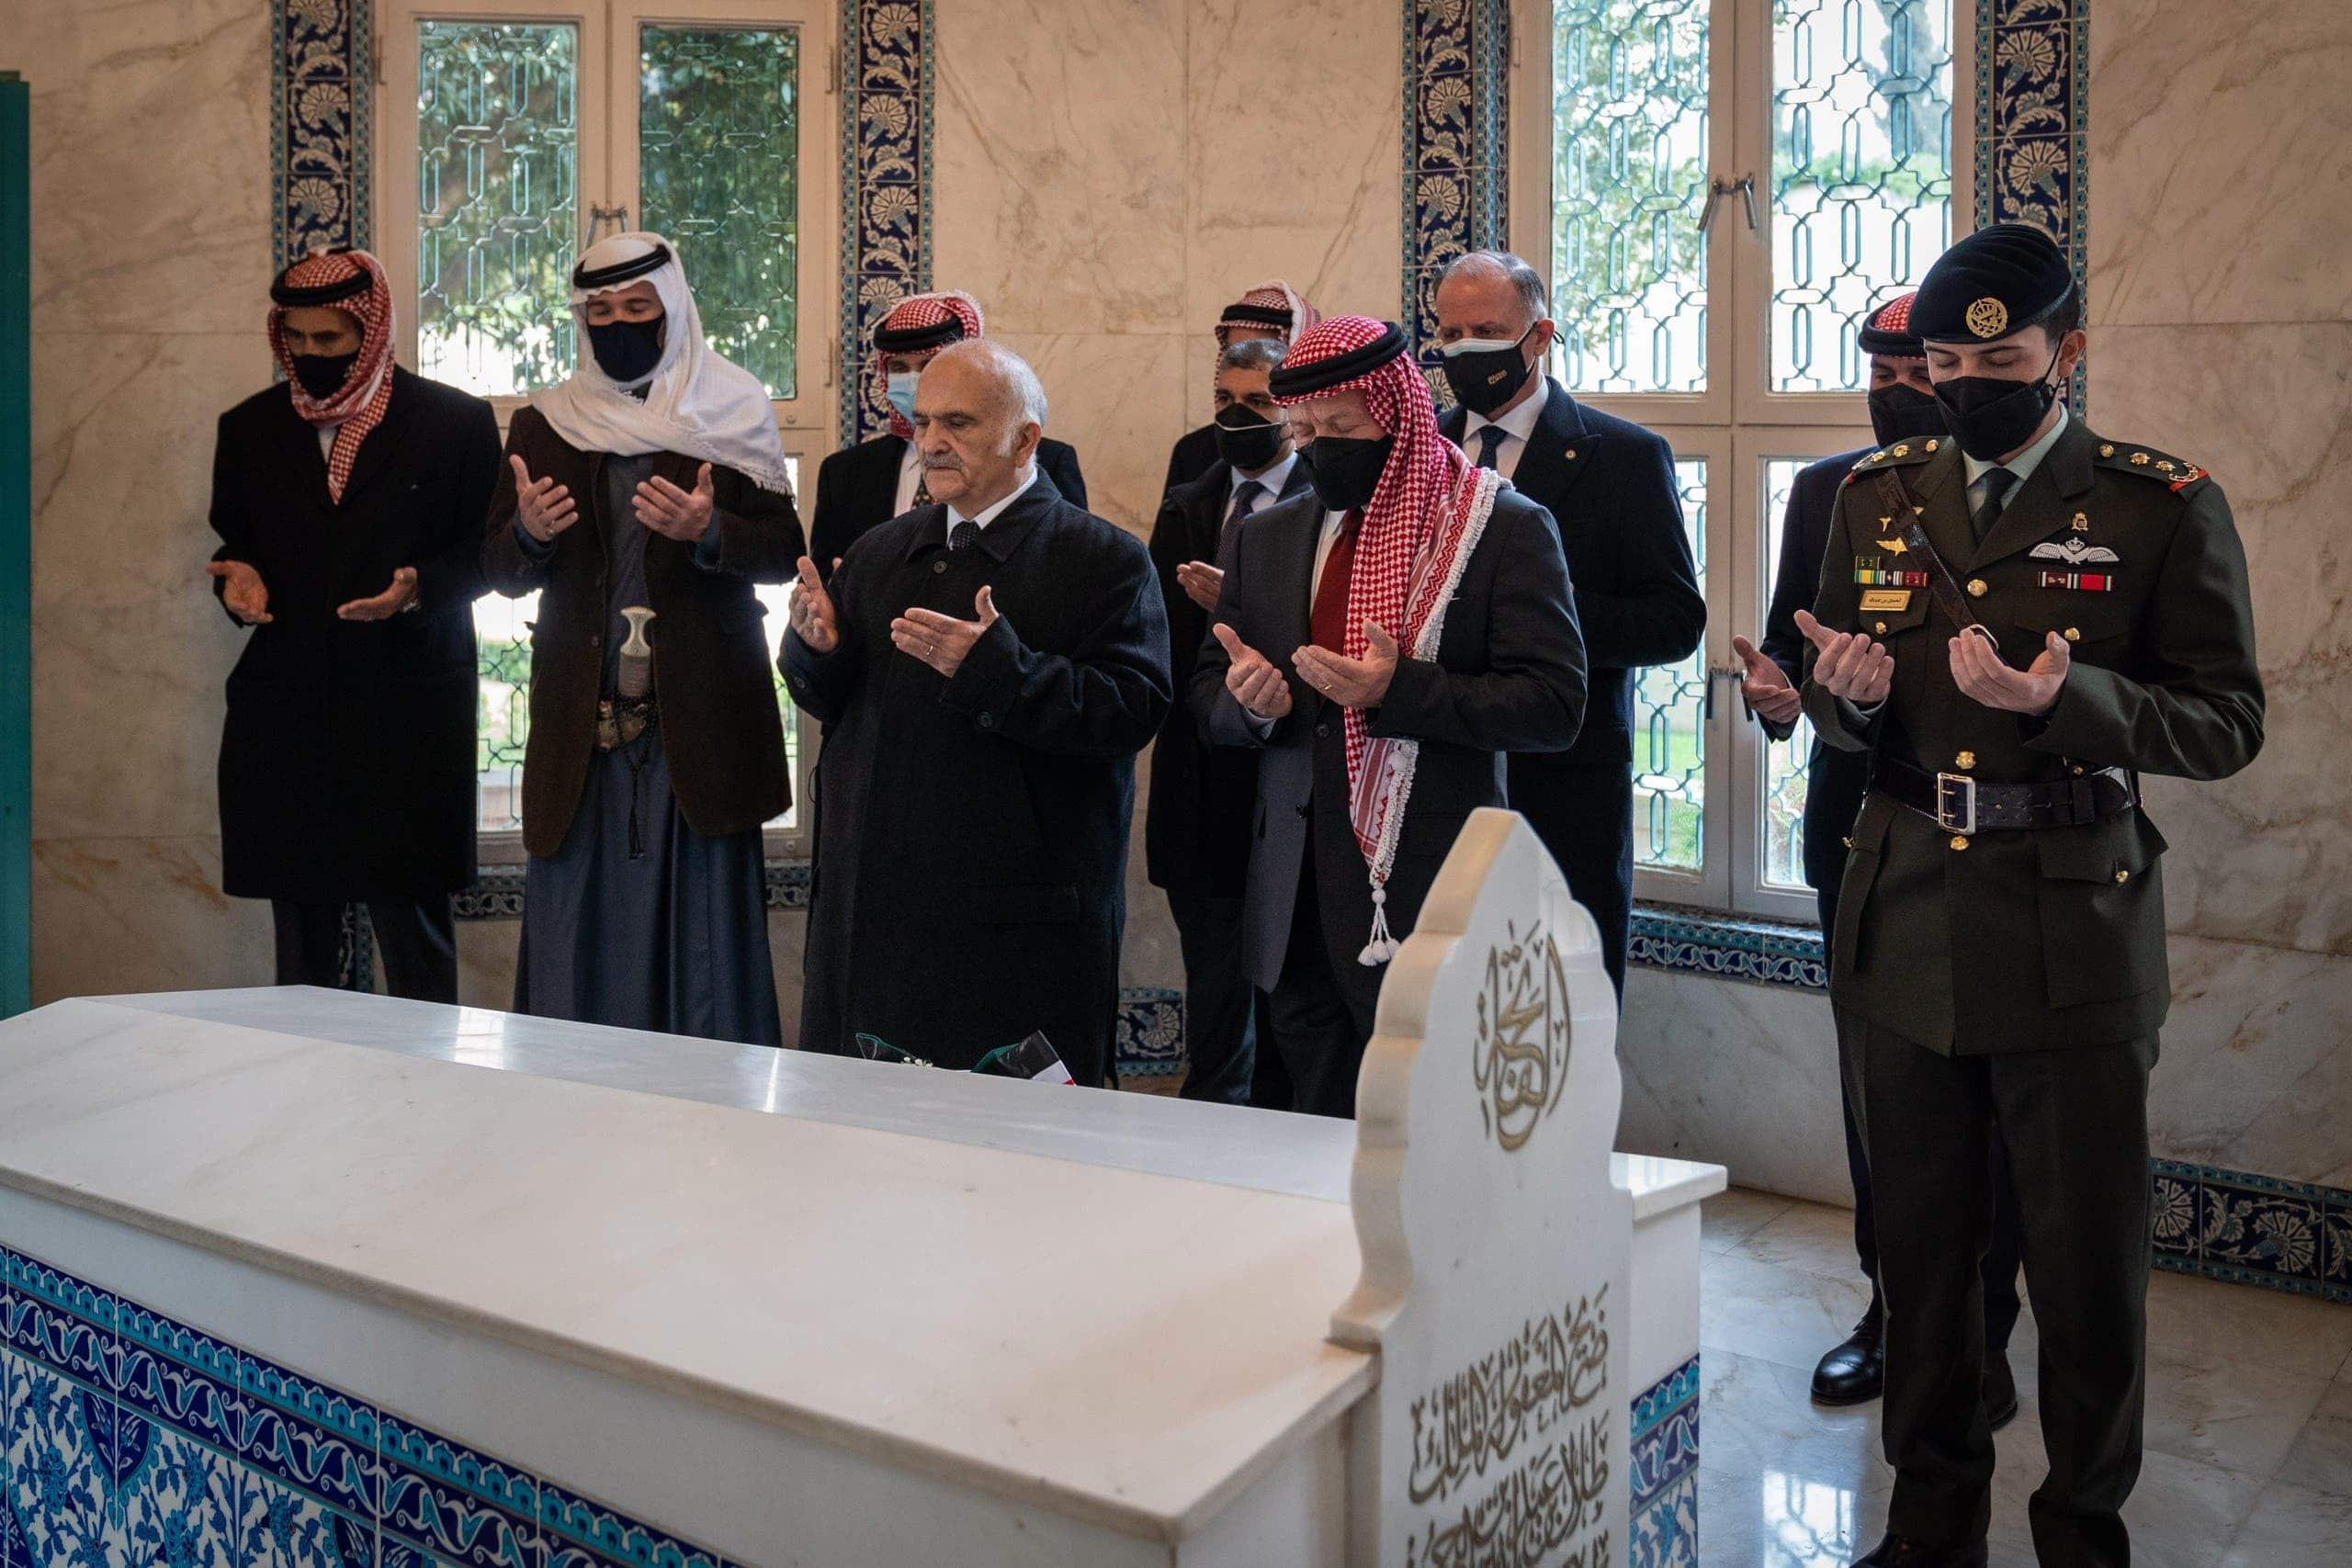 """""""أصبح الأردن مملكة موز"""".. فورين بوليسي: الأردنيون يفضلون الأمير حمزة للملك من أخيه عبدالله"""